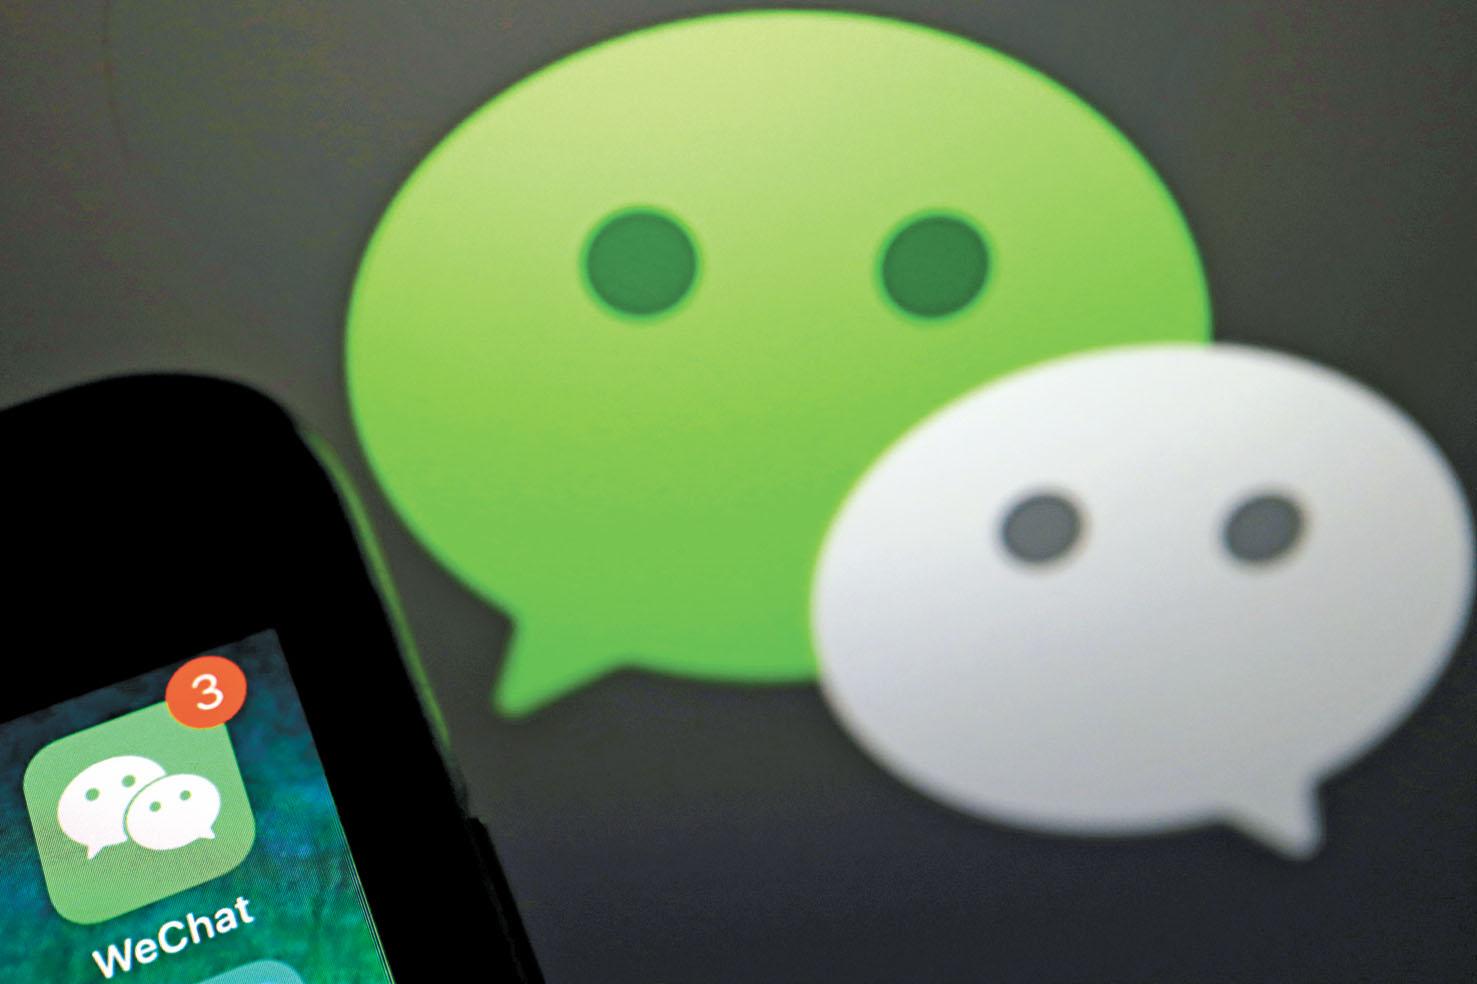 美國禁用微信,不但影響海外華人、留學生和親友的聯絡,還會影響到中美企業的商務來往。有中國網民表明,若今後蘋果手機不能安裝微信,將毫不猶豫地棄用iPhone。路透社